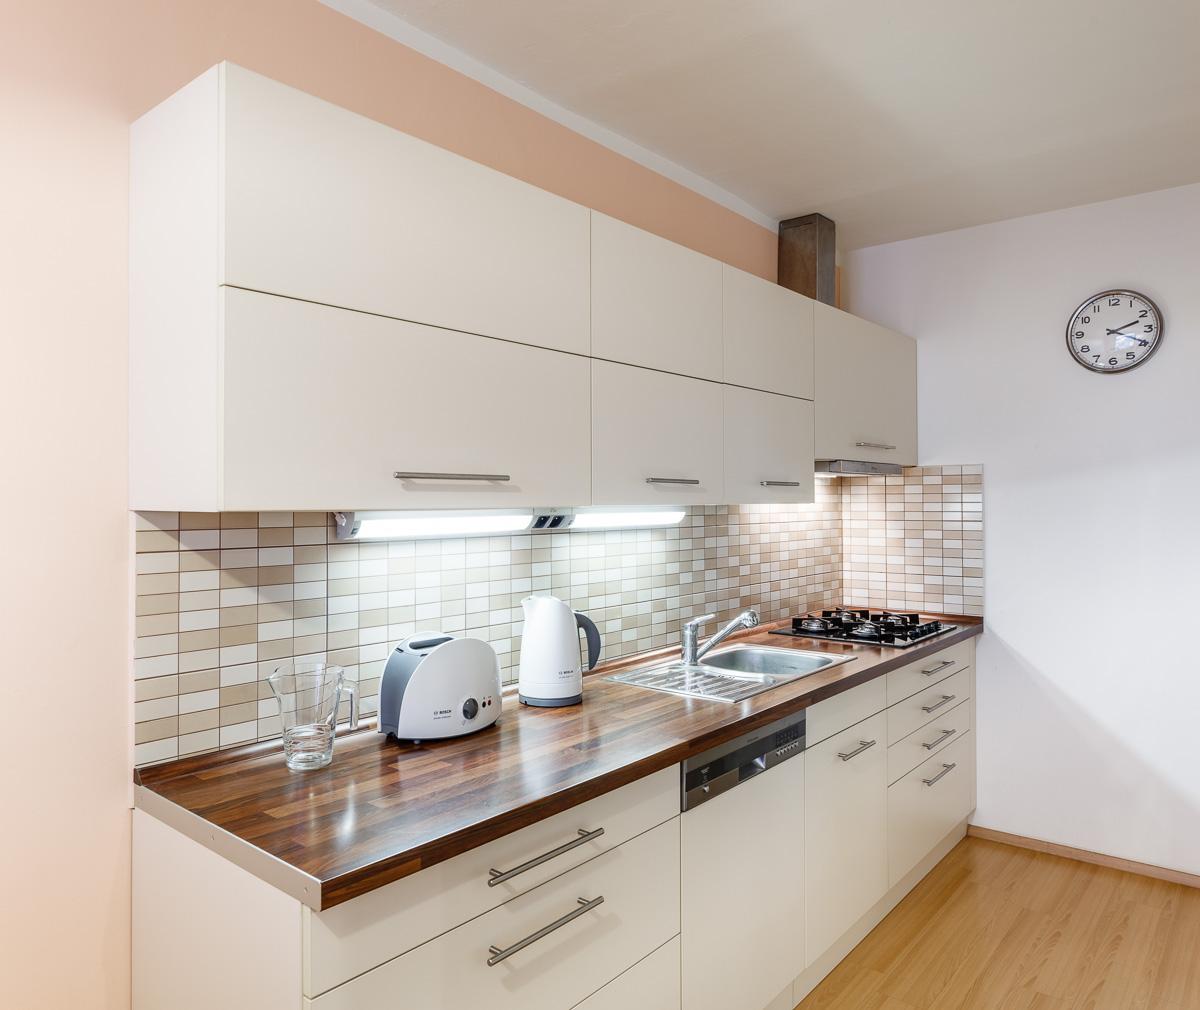 1860a5b0f473 Kuchyň na míru - Halbos nábytek